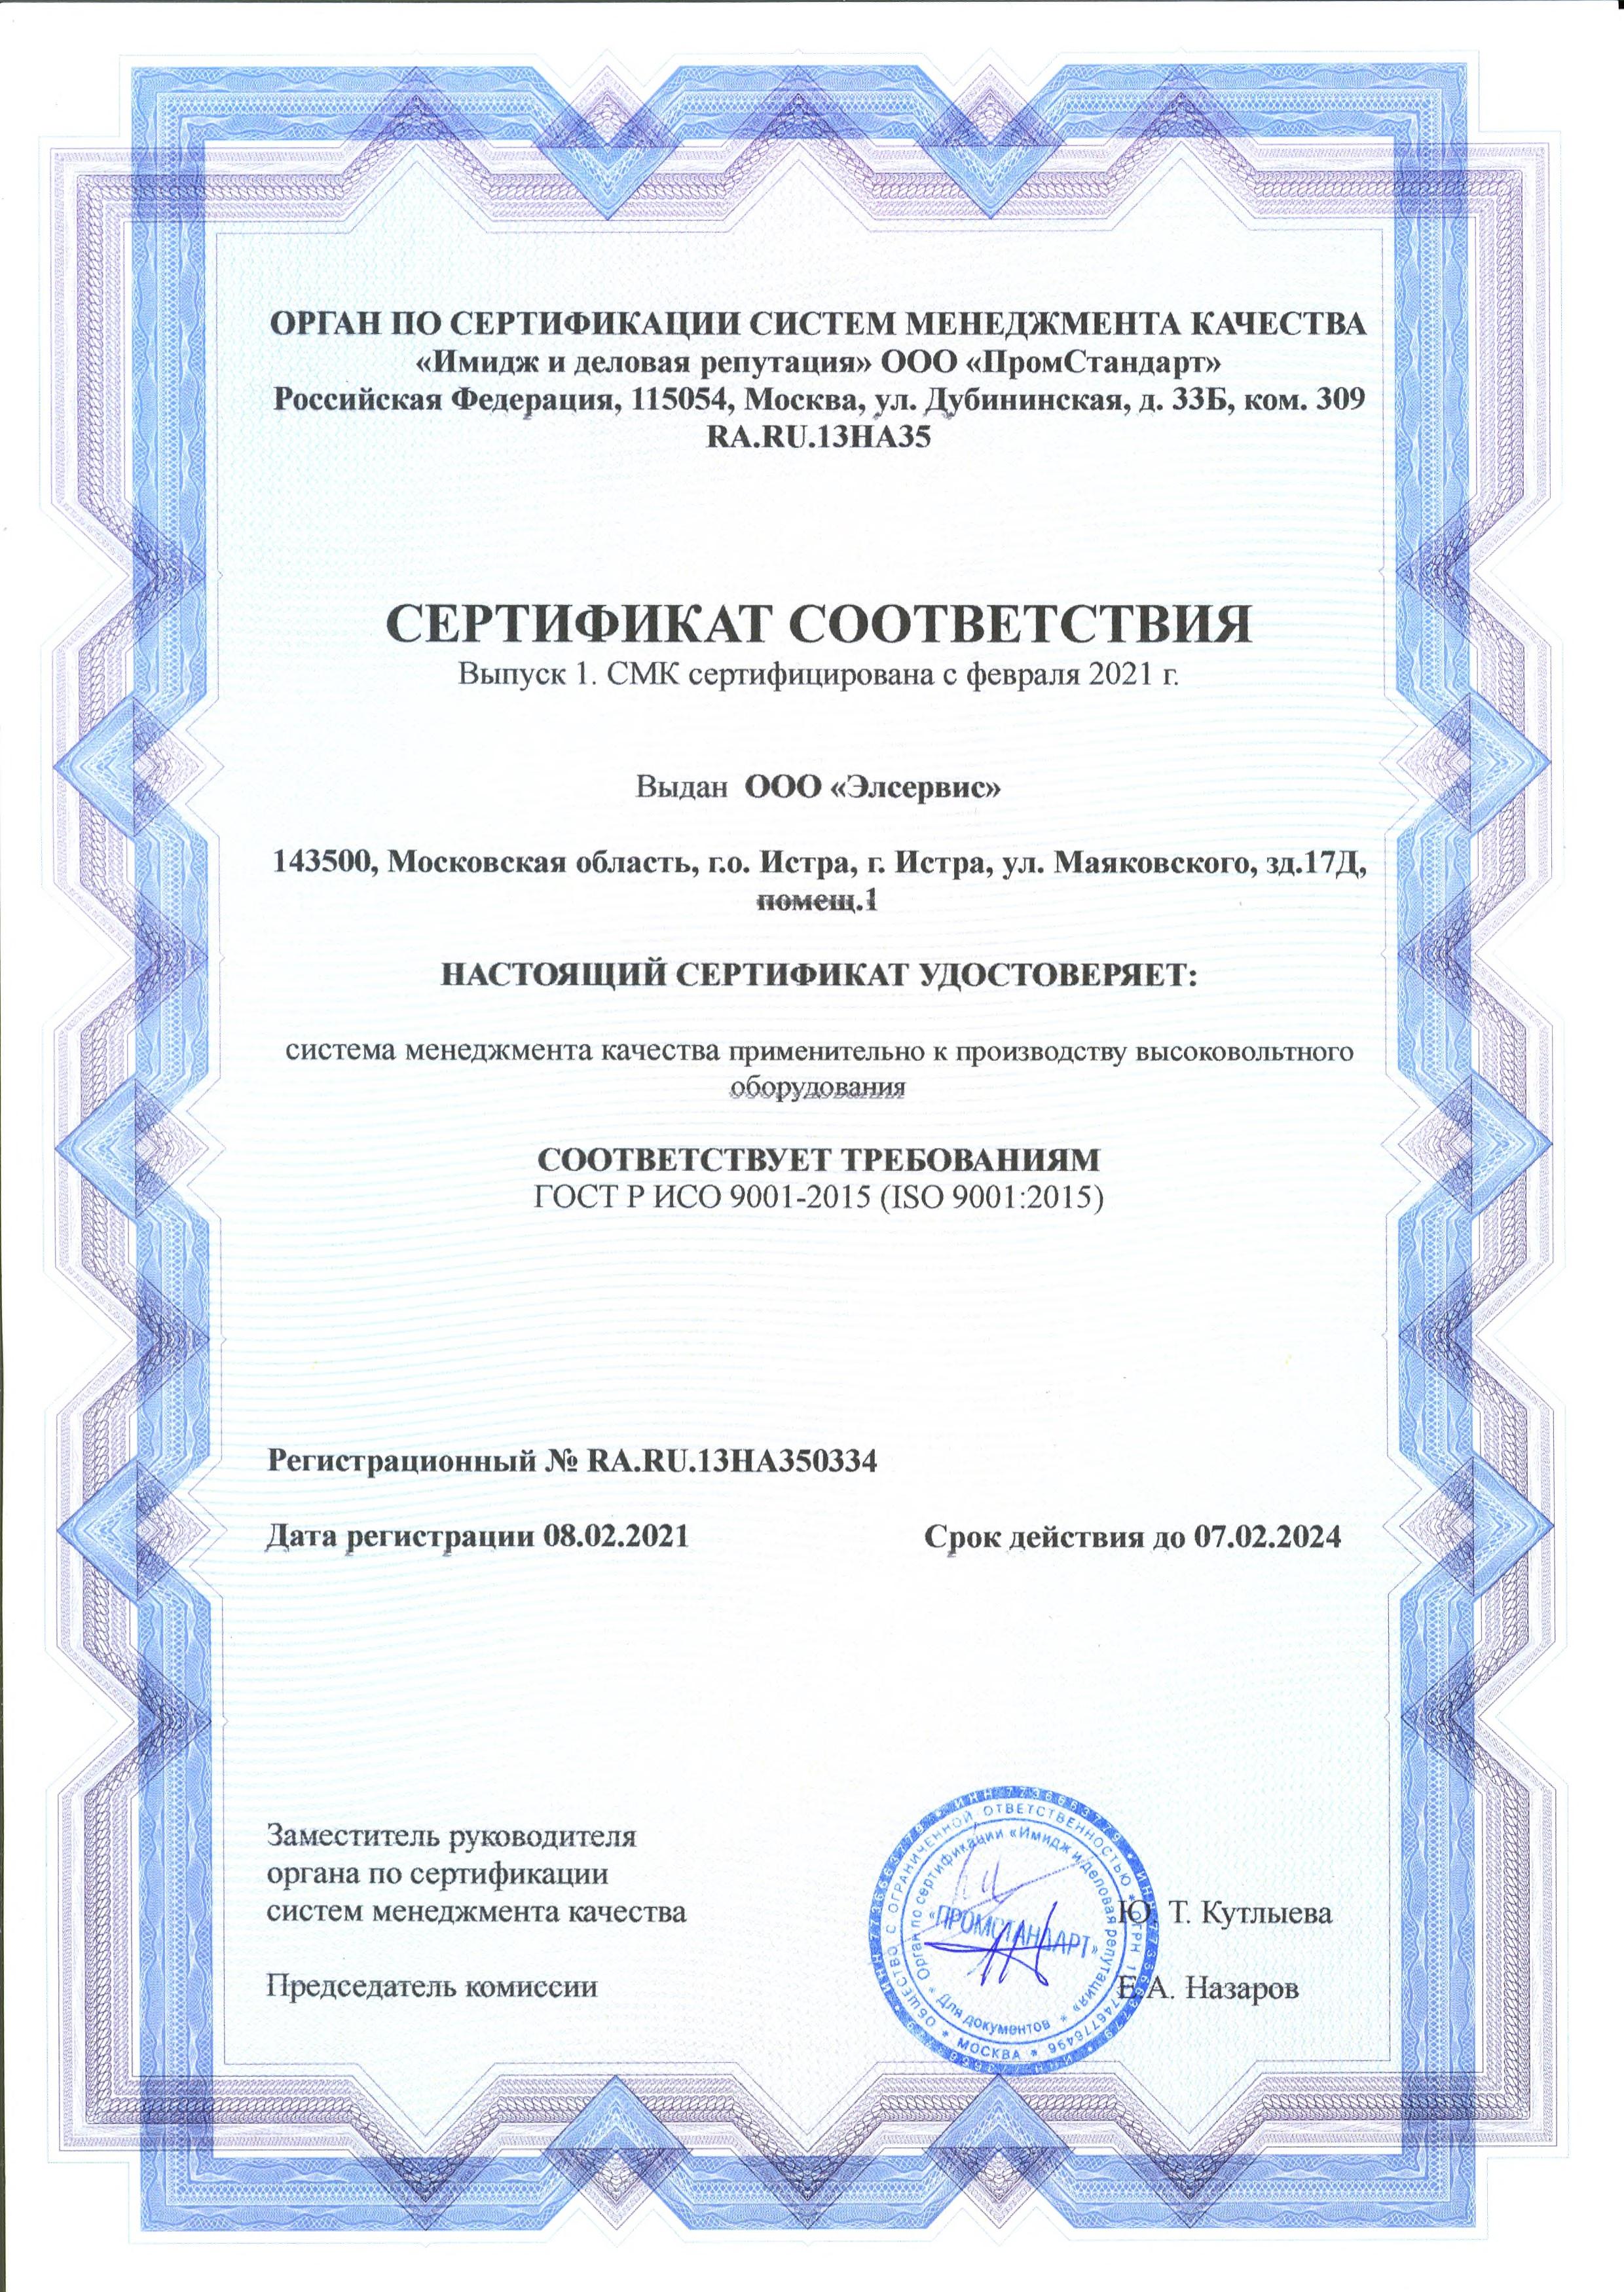 Электроэффект: Сертификат СМК ISO9001 - высоковольтное оборудование